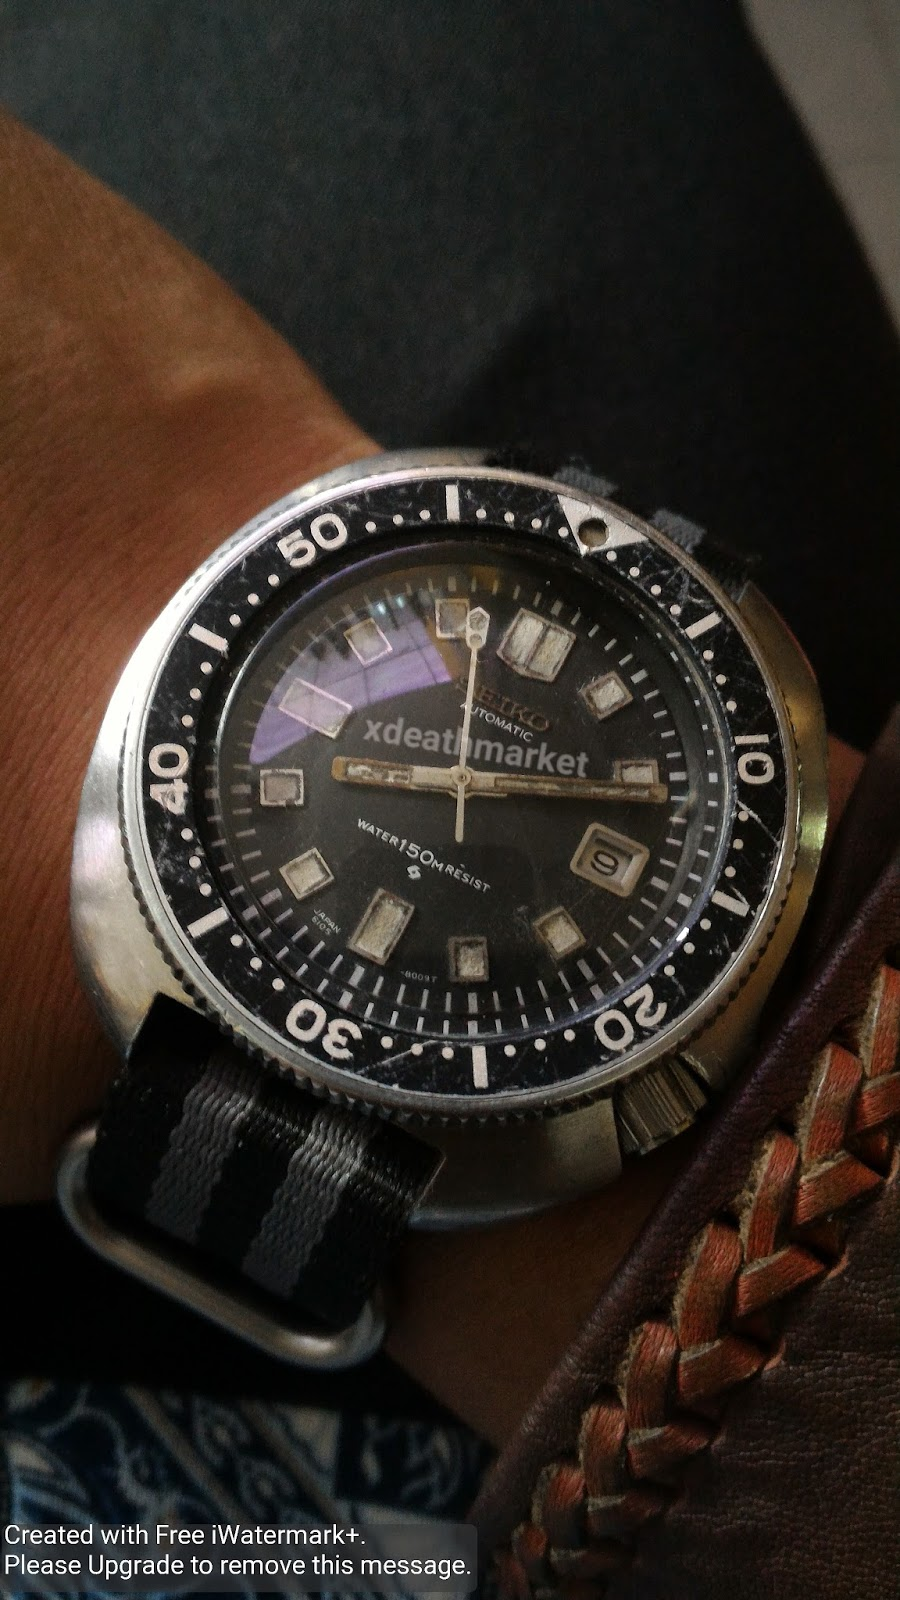 xDeath Market: (SOLD) Seiko Automatic Diver Reff. 6105 ...